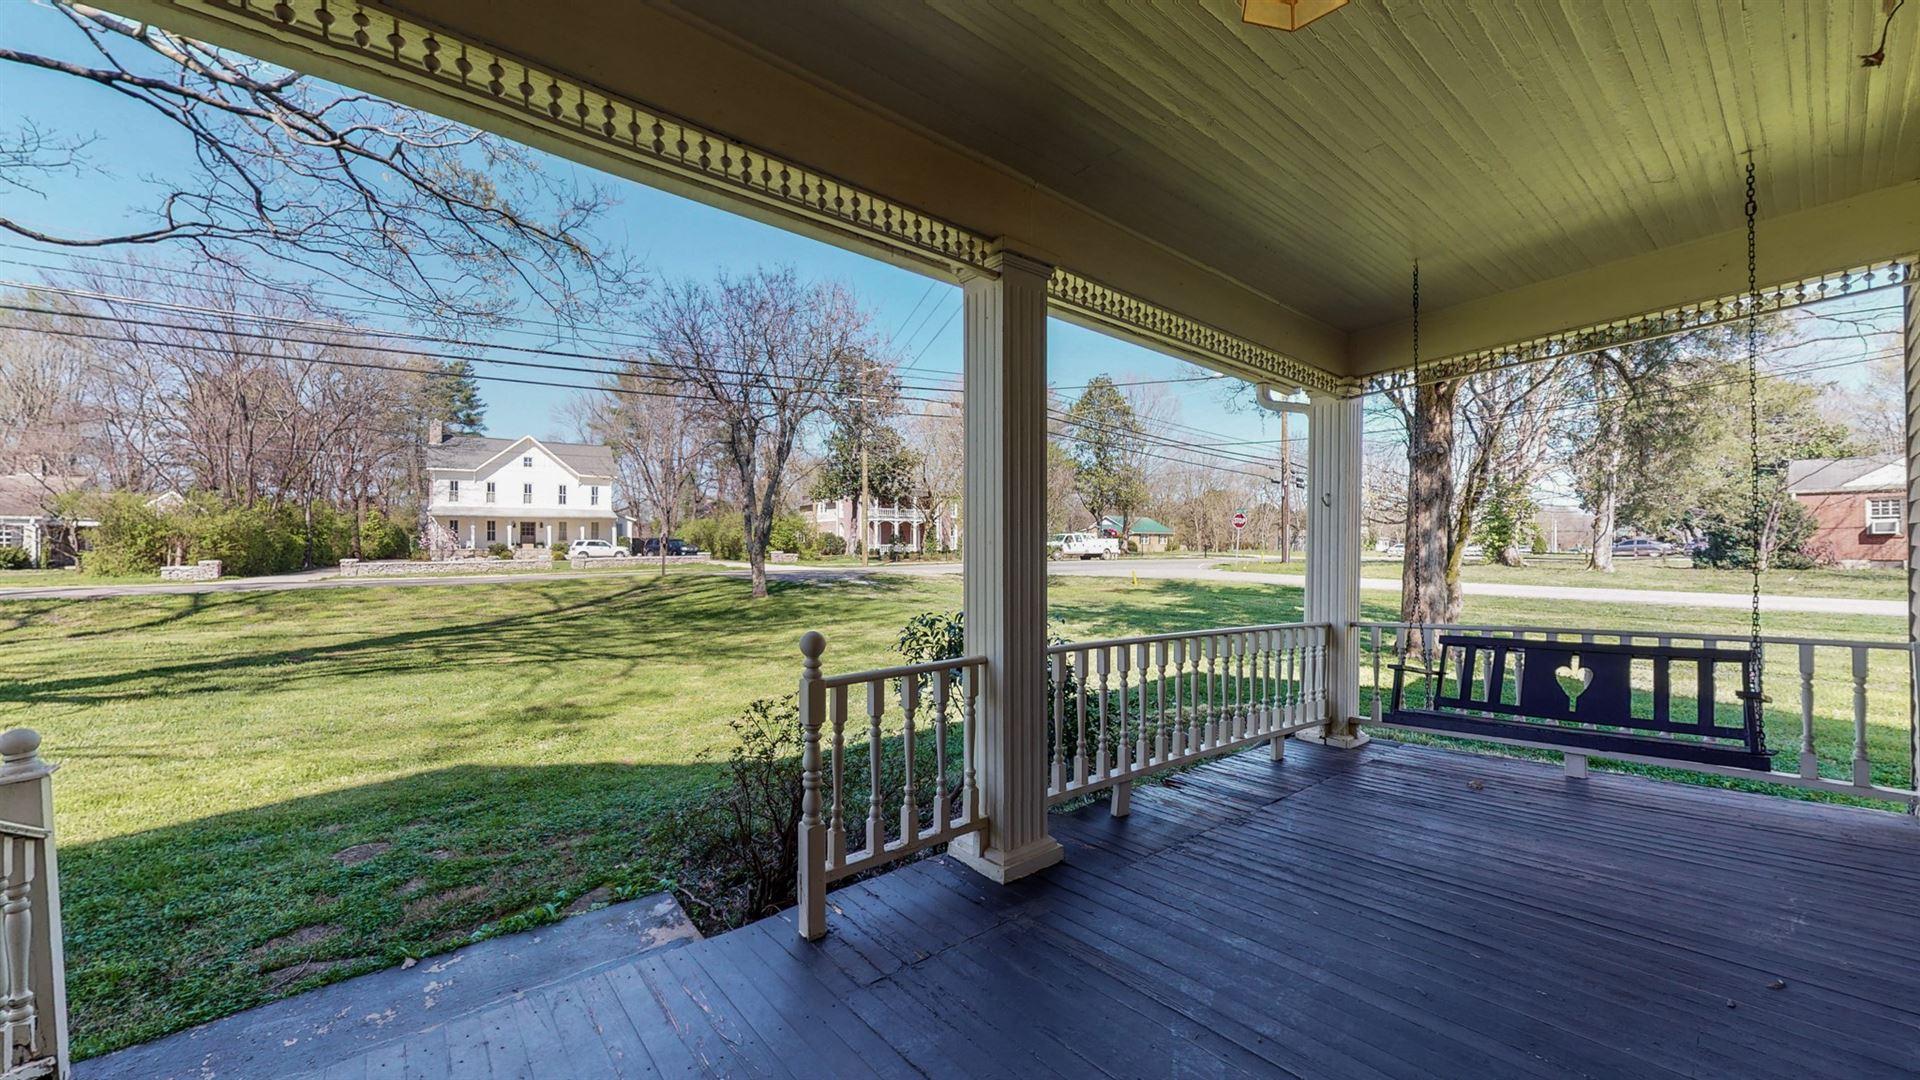 426 Murfreesboro Rd, Franklin, TN 37064 - MLS#: 2240069